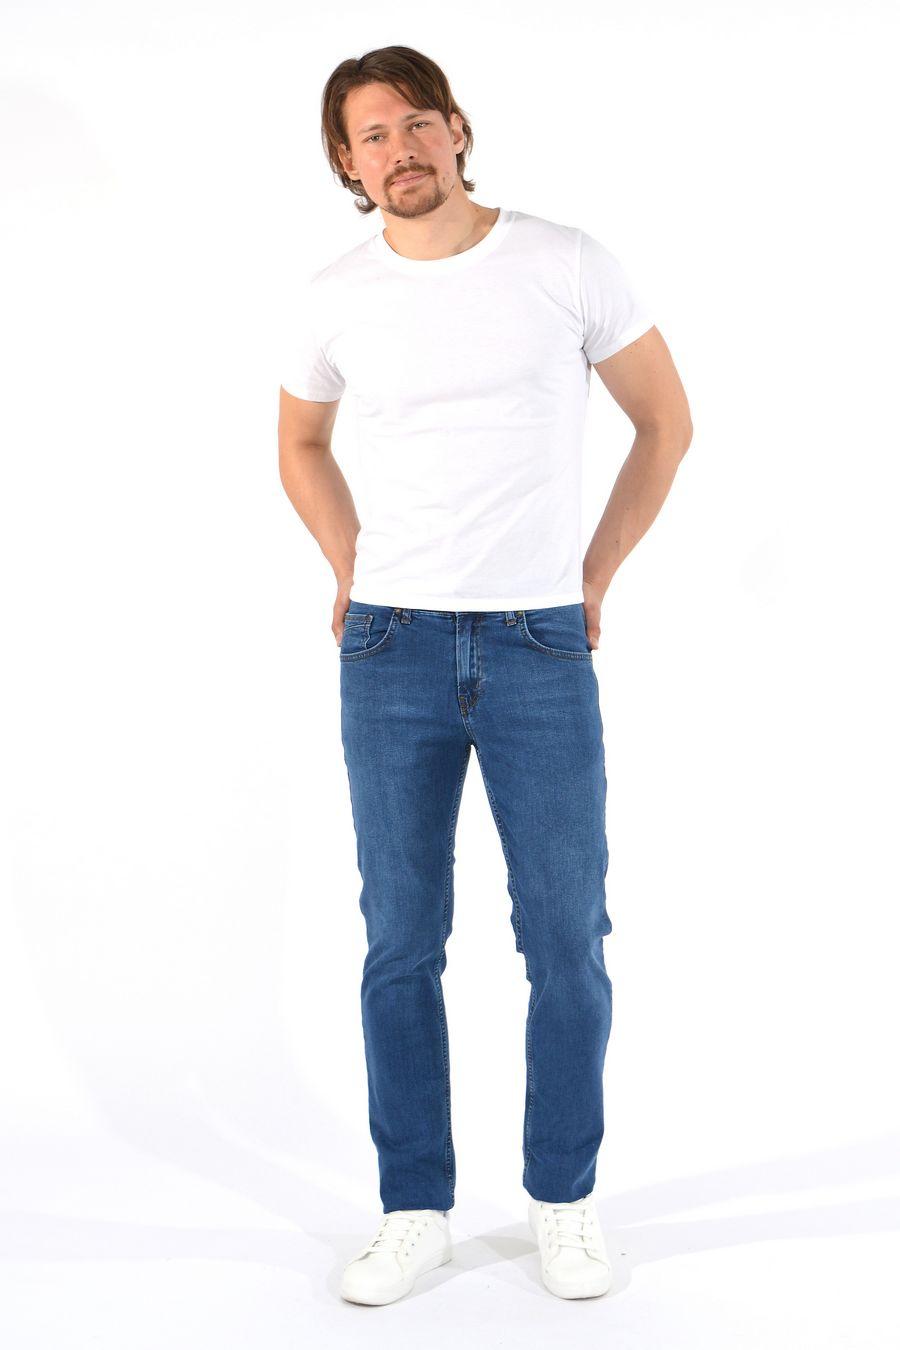 Джинсы мужские MAC Person 2917-12288 Mavi L34 - фото 2